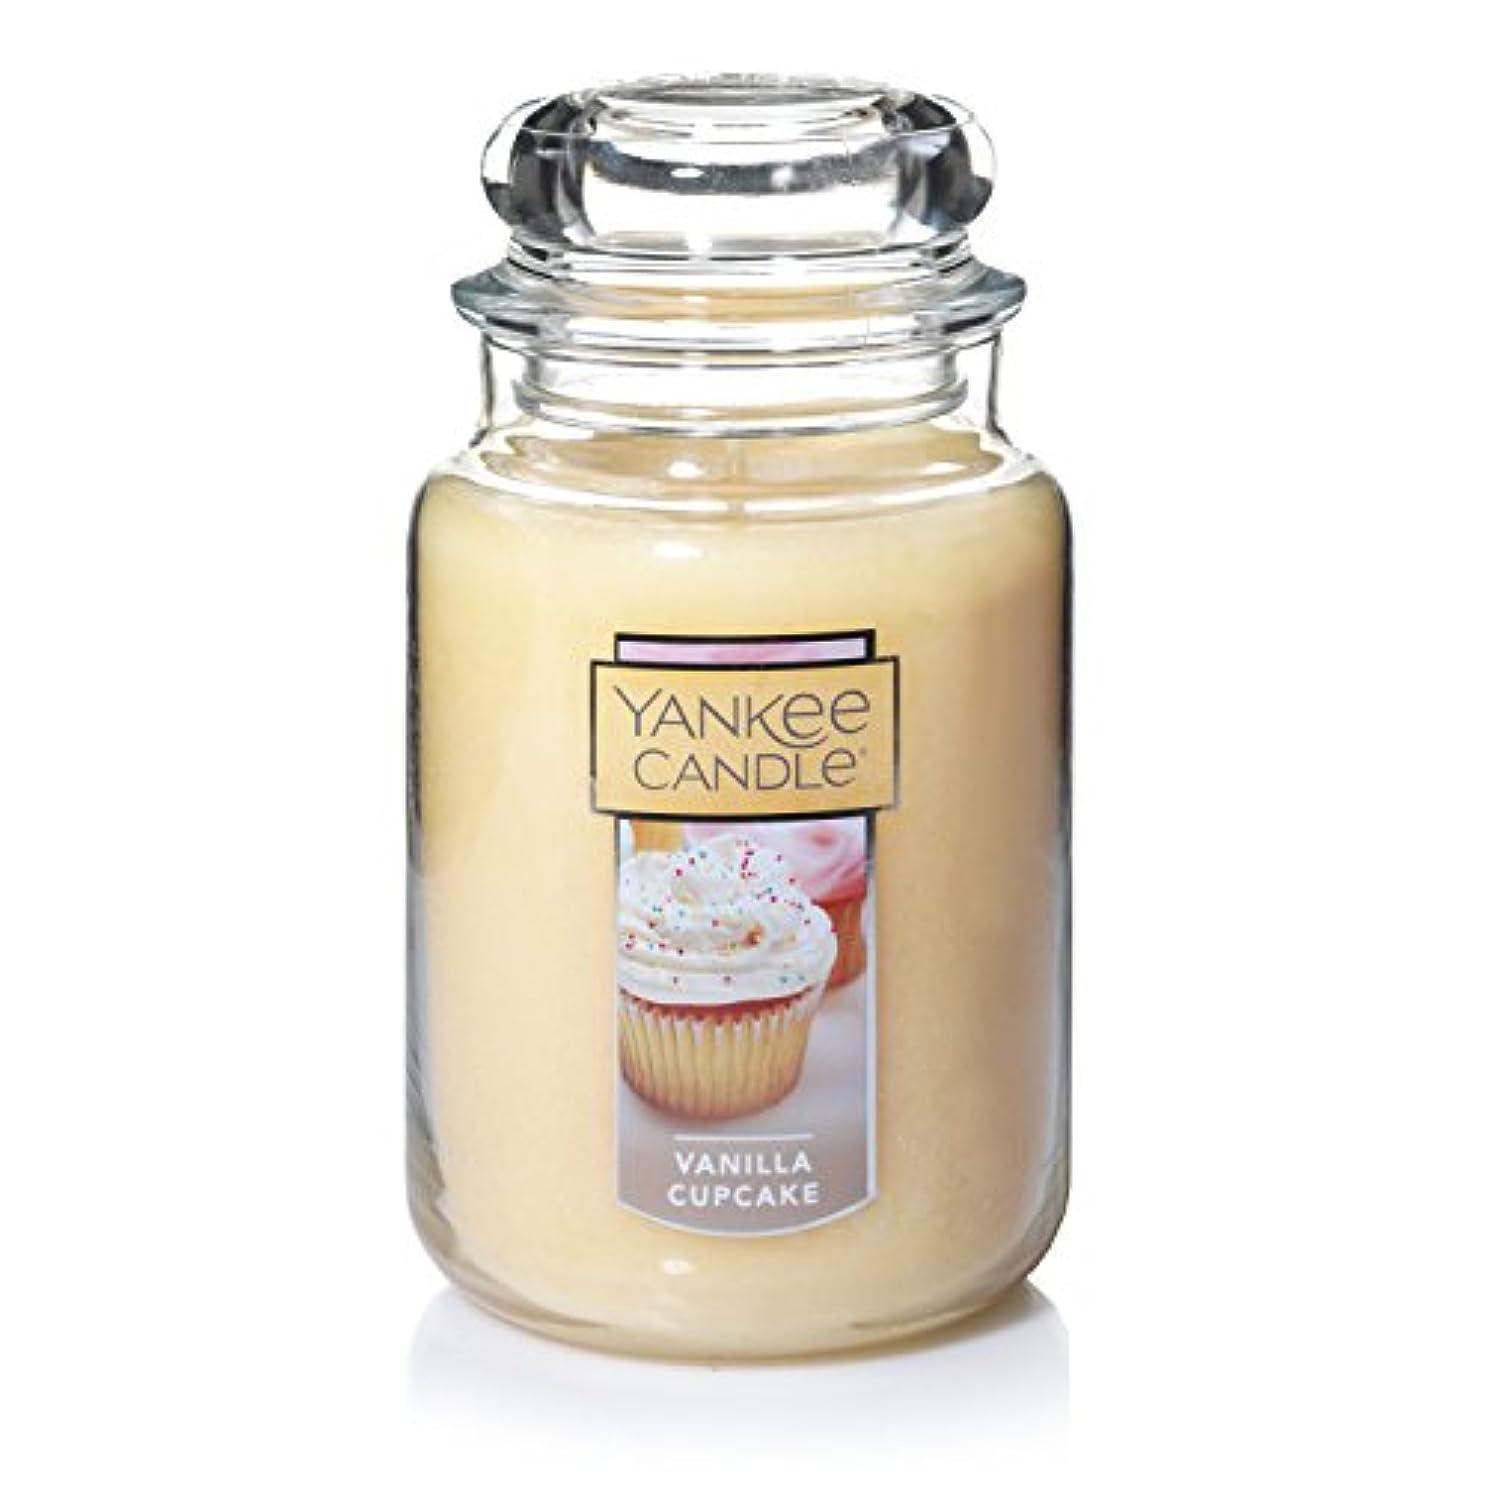 衣服素晴らしい返還Yankee Candle Company Vanilla Cupcake Large Jar Candle by Yankee Candle